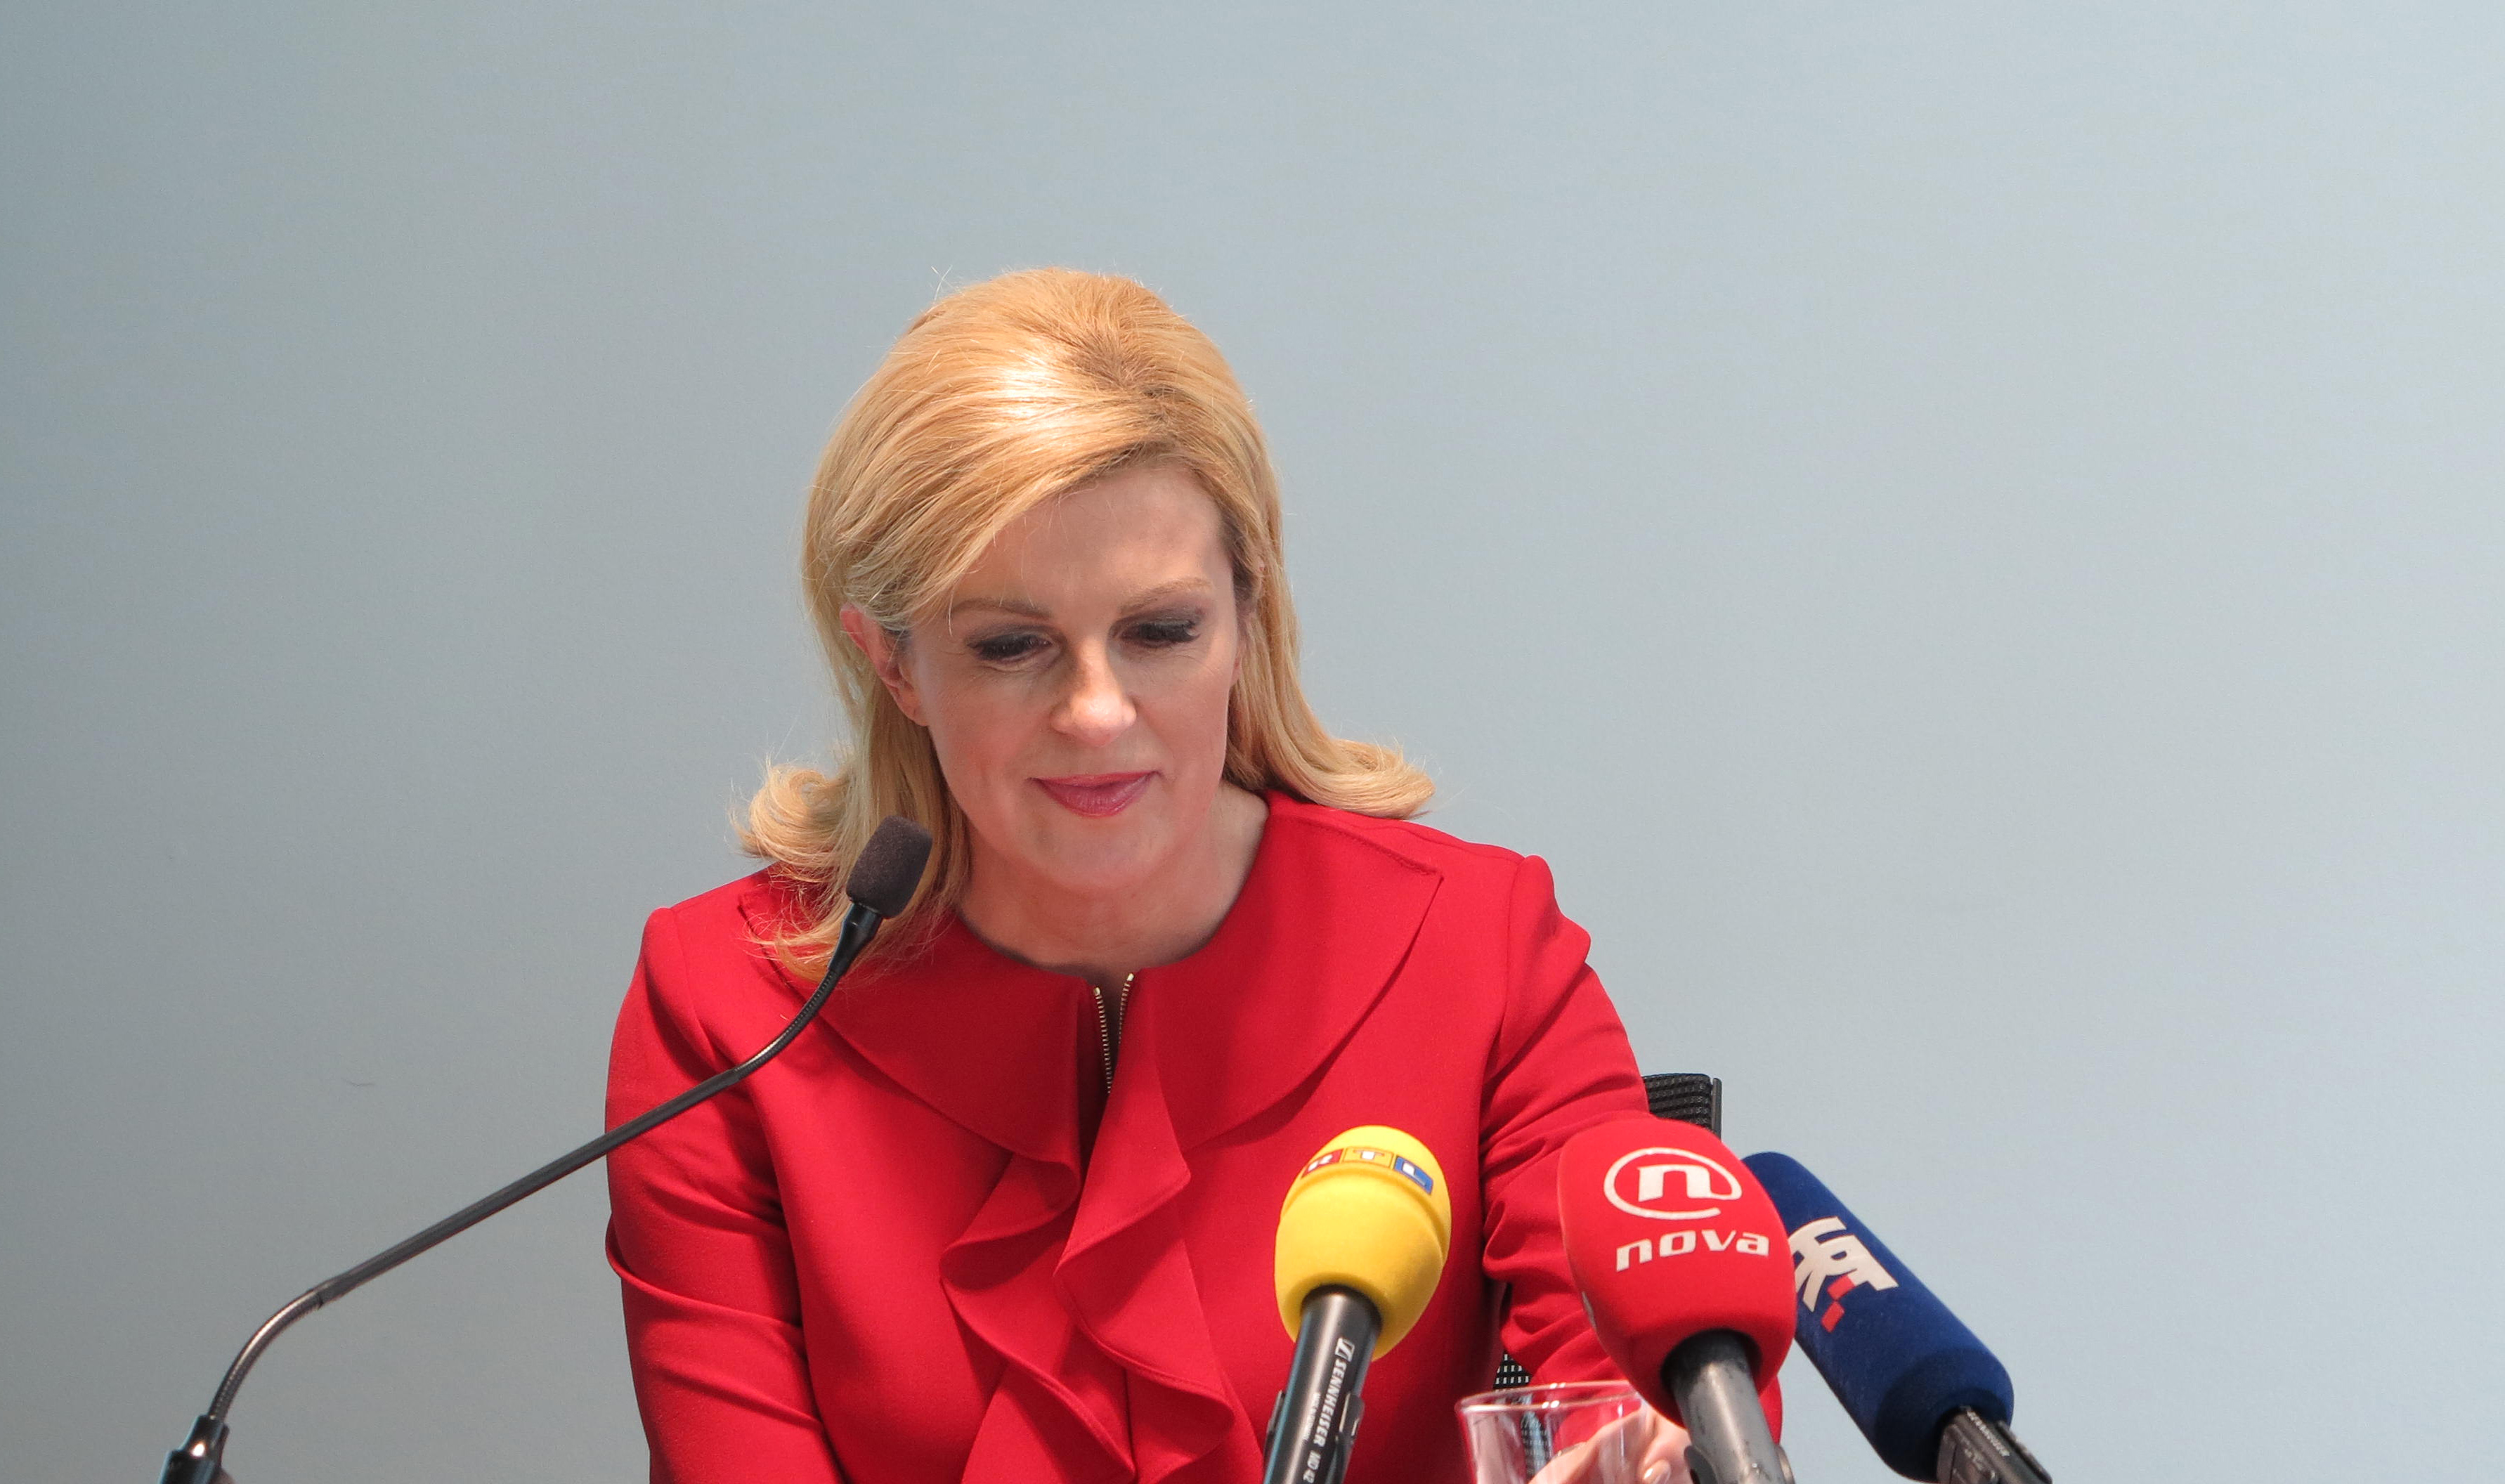 """GRABAR KITAROVIĆ """"Europska unija profitirala je od članstva Hrvatske, dok Hrvatska to ni nakon pet godina od pristupanja još uvijek nije"""""""